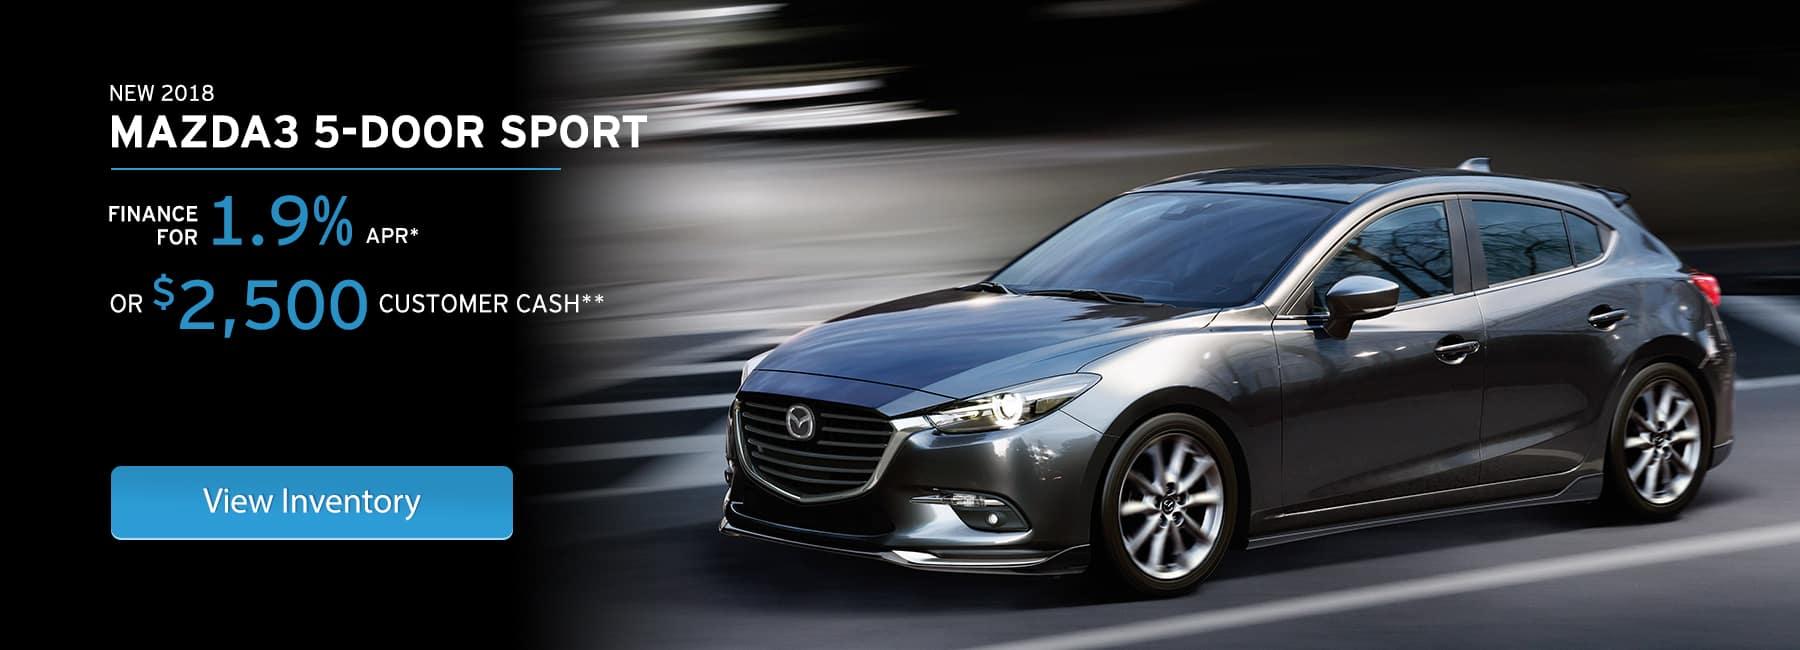 Mazda3 Hatch Offer